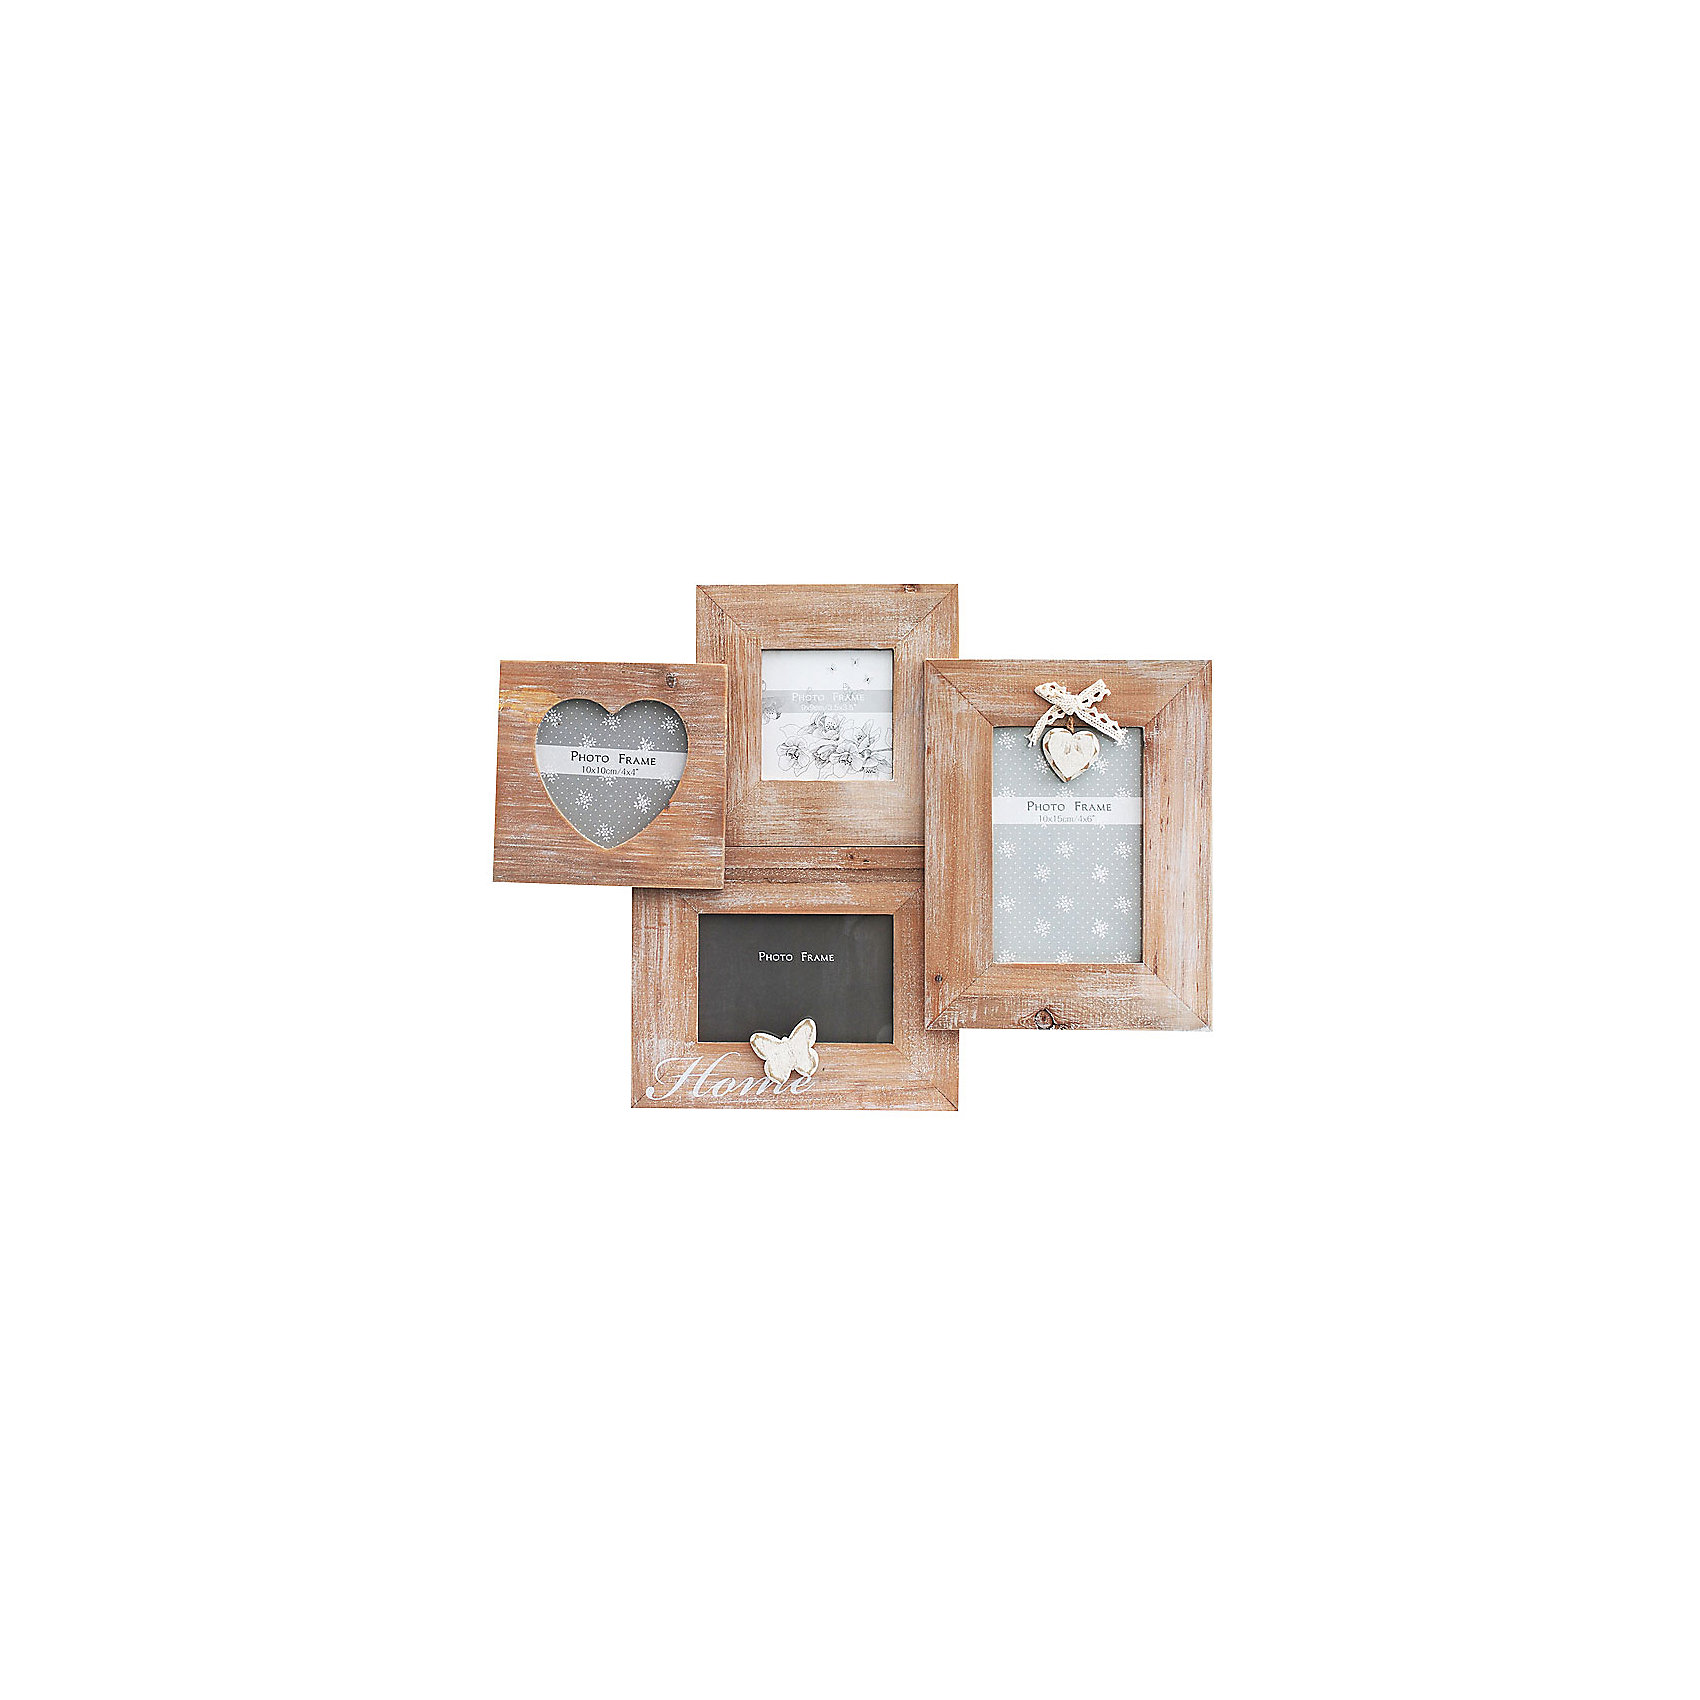 Фоторамка комбинированнаяПредметы интерьера<br>Характеристики:<br><br>• Предназначение: для оформления фотографий, вышивок, картин<br>• Пол: универсальный<br>• Материал: дерево, оргстекло<br>• Цвет: дерево<br>• Комплектация: рамки для 4-х фото разной формы: квадратная, 2 прямоугольные, в форме сердца<br>• Размеры (Ш*Д*В): 43*31,8*2,2 см<br>• Вес в упаковке: 480 г <br>• Упаковка: картонная коробка<br><br>Фоторамка комбинированная – это деревянная фоторамка от торговой марки Белоснежка, специализирующейся на товарах для творчества и рукоделия. Изделие состоит из четырех фоторамок разной формы: квадратной, 2-х прямоугольных и в форме сердца. С такой фоторамкой можно создать семейную историю из любимых фотографий или использовать ее для оформления вышивок, картин. Она имеет подвесное крепление, поэтому с помощью этой фоторамки можно оформить интерьер. Комбинированная фоторамка выполнена в натуральном цвете дерева с эффектом старения, поэтому она стилистически легко впишется в любой интерьер. <br><br>Фоторамку комбинированную можно купить в нашем интернет-магазине.<br><br>Ширина мм: 430<br>Глубина мм: 318<br>Высота мм: 22<br>Вес г: 5500<br>Возраст от месяцев: 72<br>Возраст до месяцев: 144<br>Пол: Унисекс<br>Возраст: Детский<br>SKU: 5089790